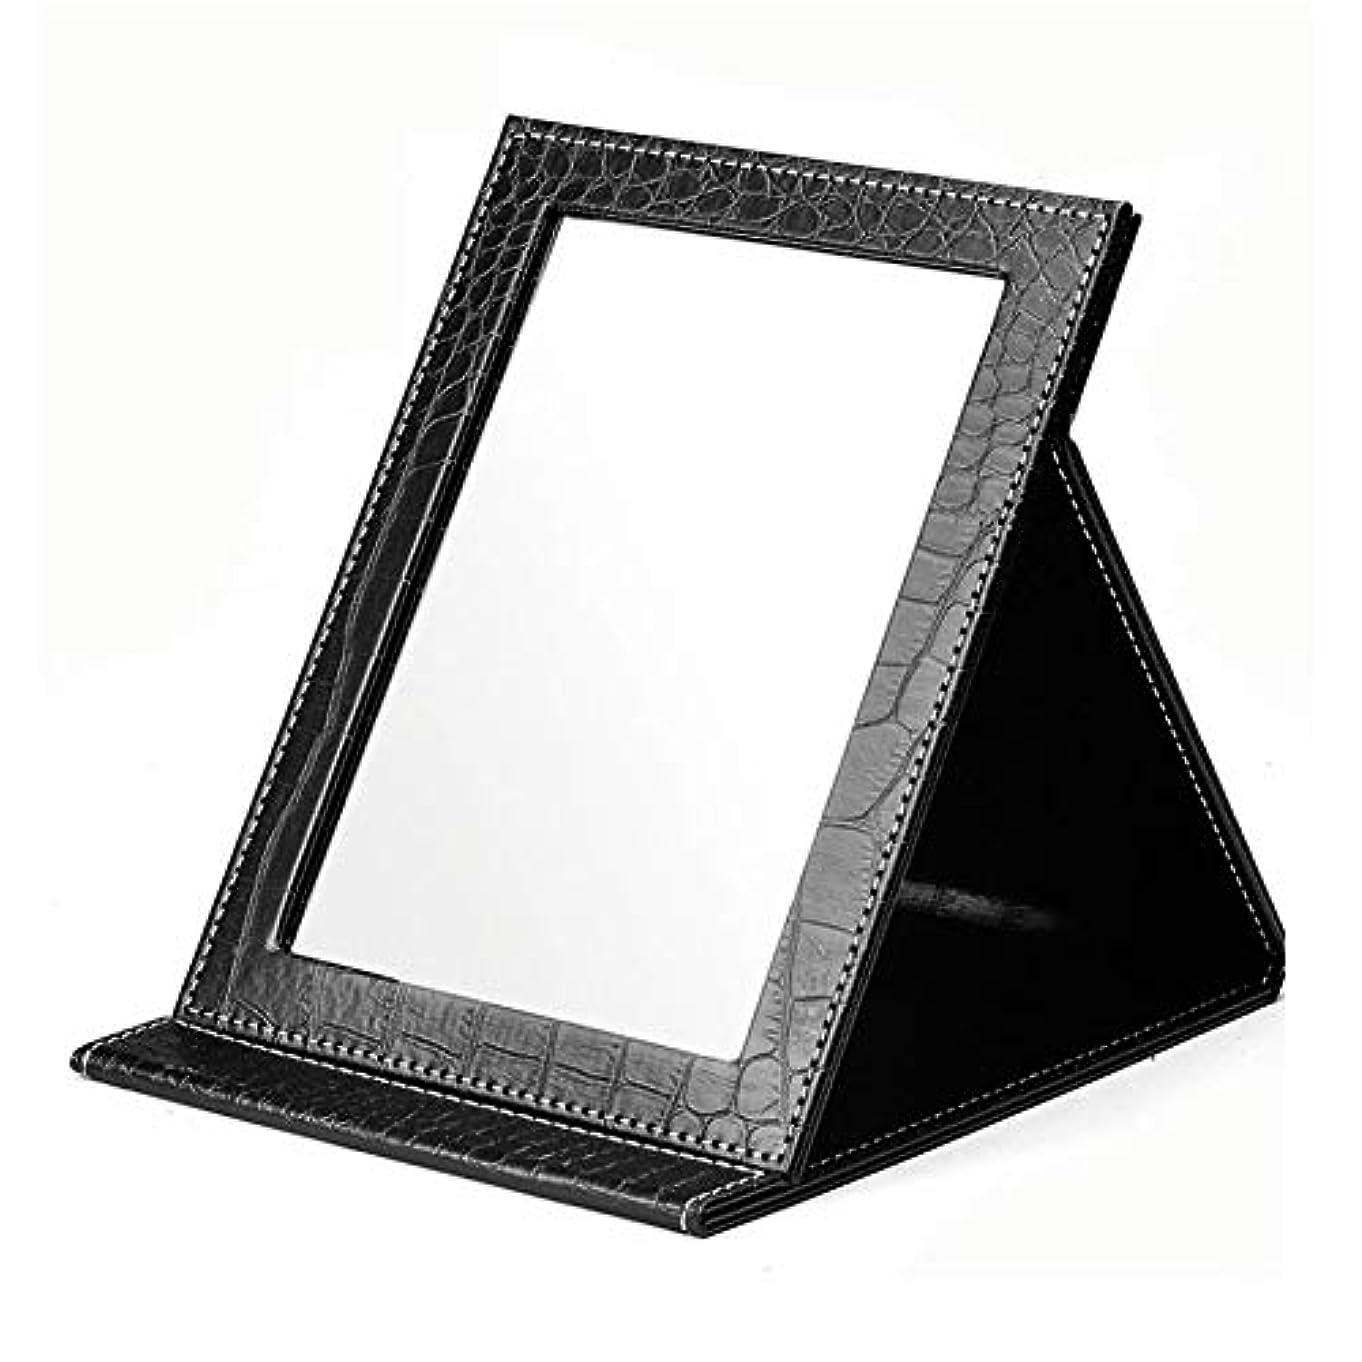 おそらく助言する義務的ミラーフォールドメイクアップミラー大型メサドレッシングミラーHDポータブルミラー小型デスク寮の部屋リビングルーム美容 (Color : Black, Size : S)